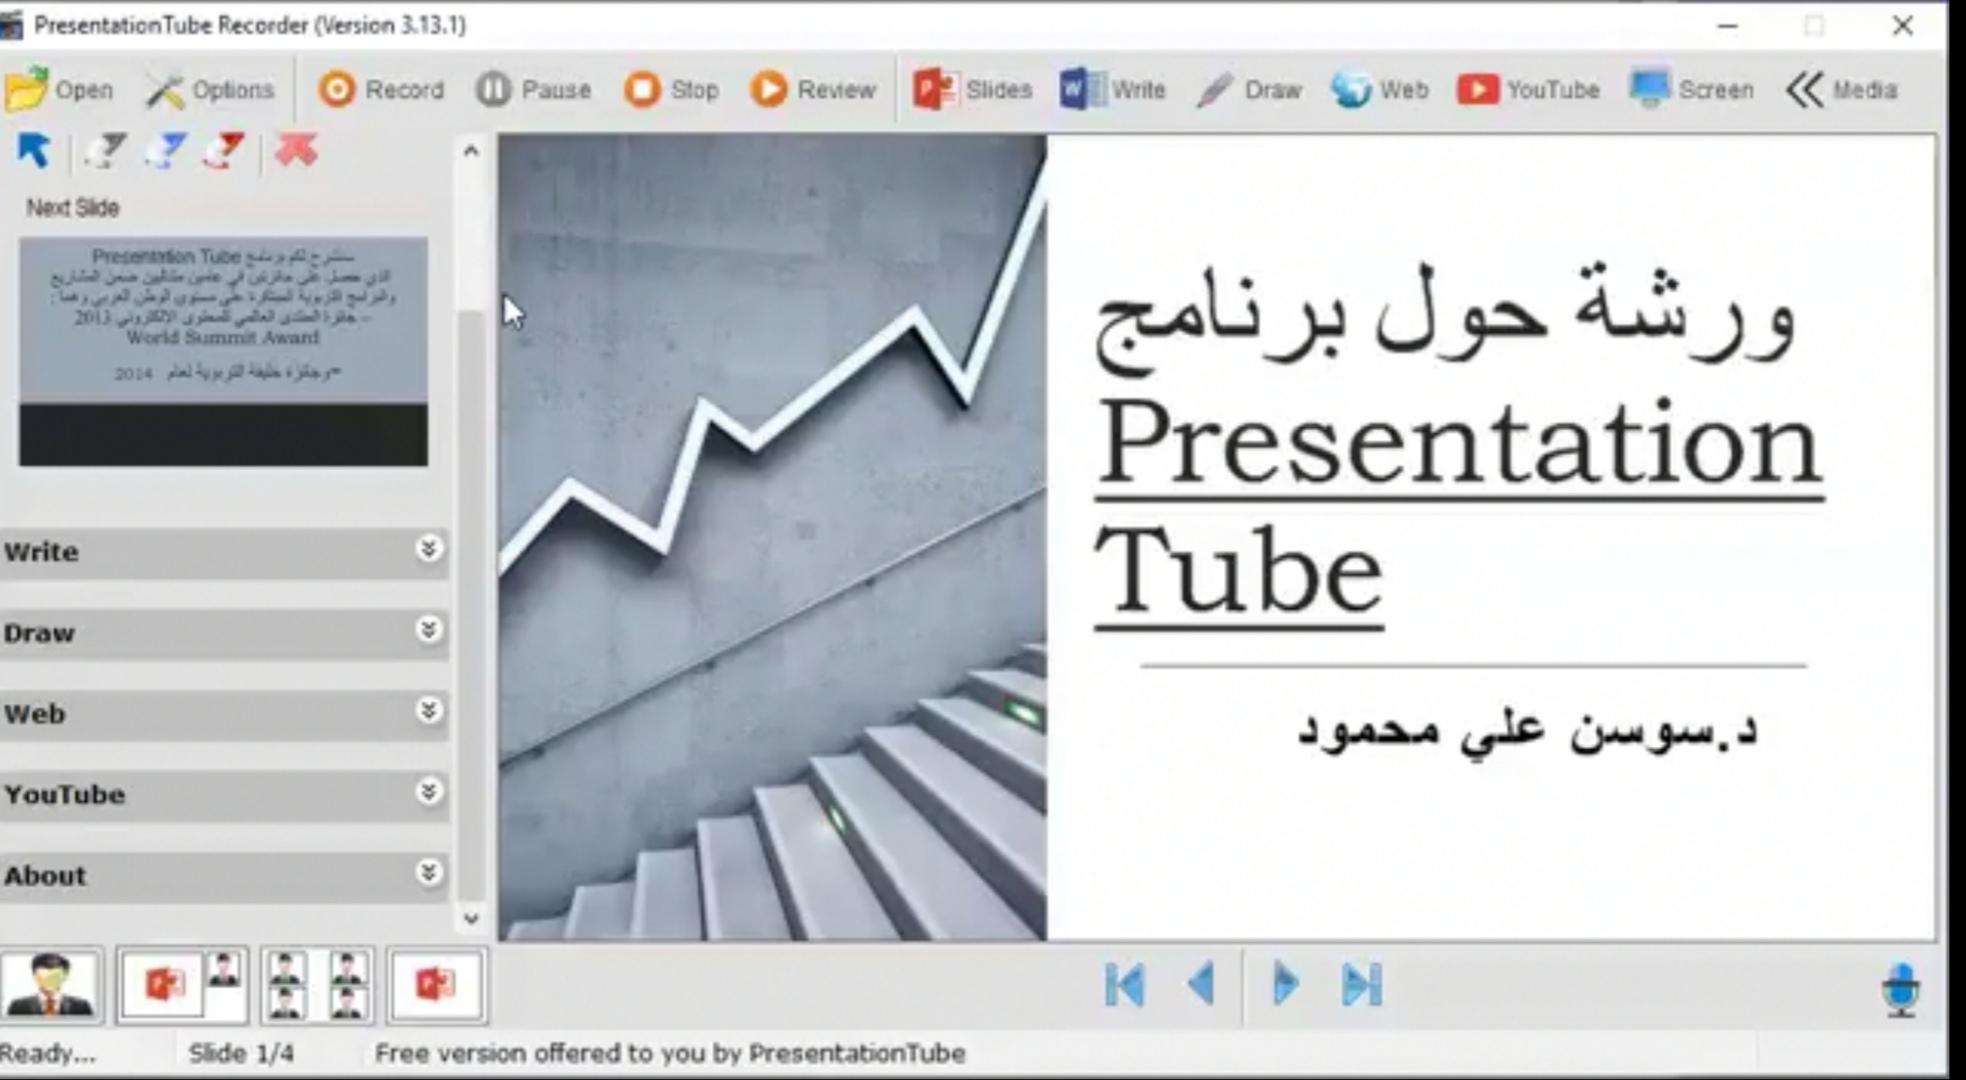 كلية التمريض تنظم ورشة عمل حول استخدام برنامج Presentation Tube